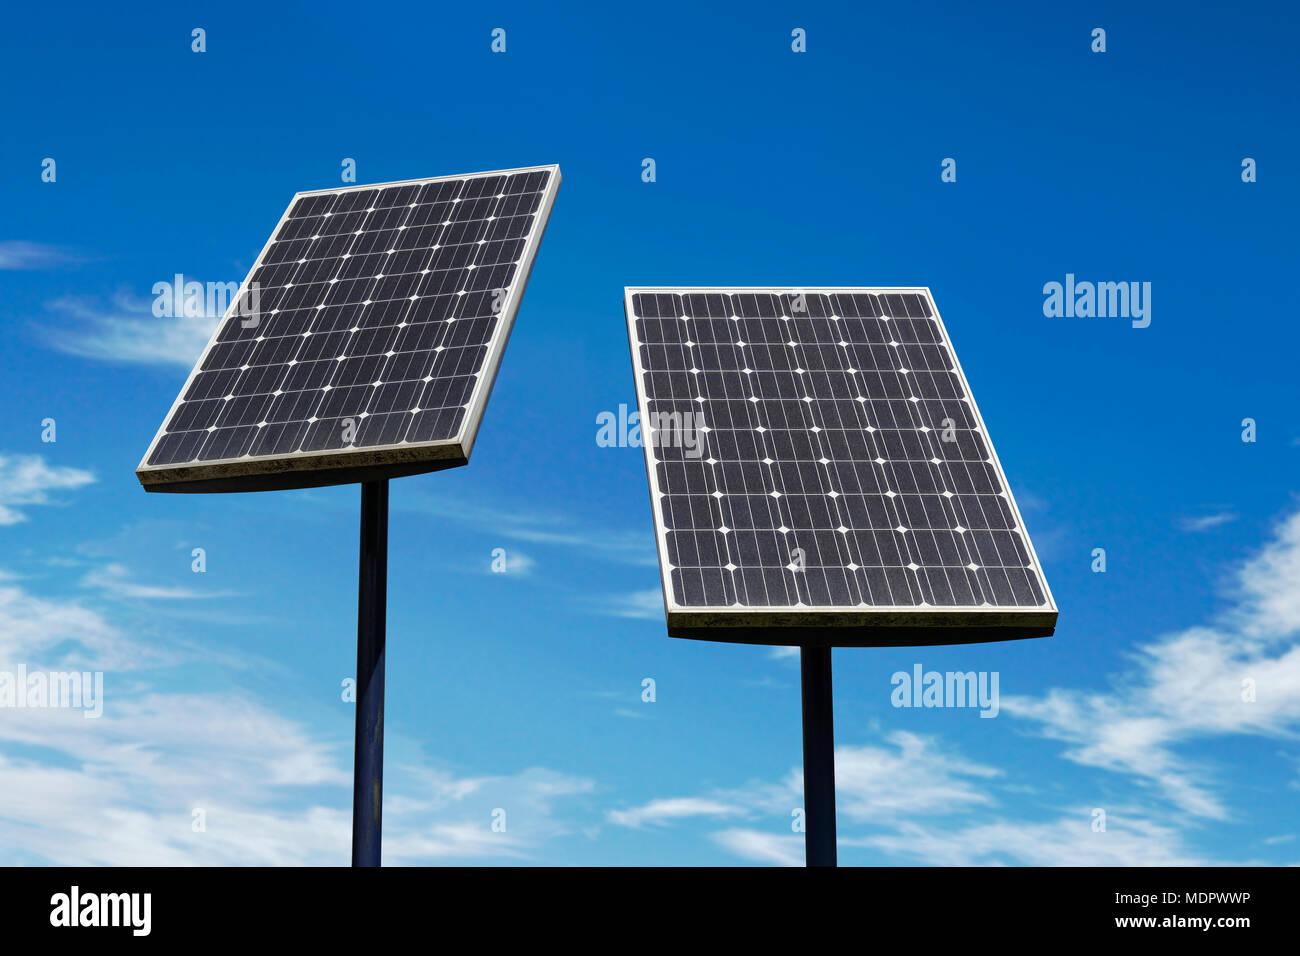 Petits Panneaux solaires contre un ciel bleu Photo Stock